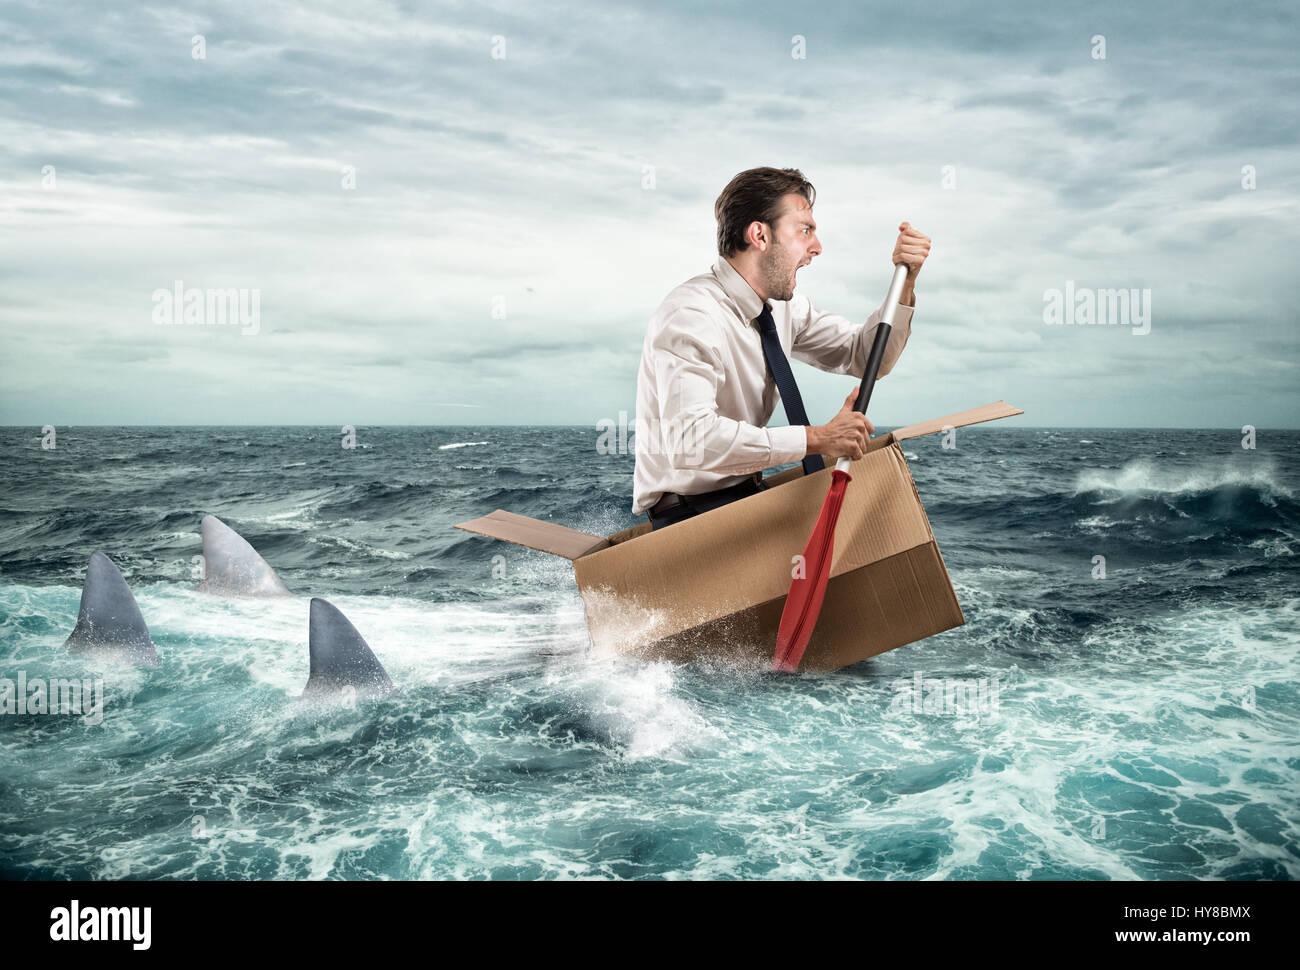 La fuga dalla crisi Immagini Stock